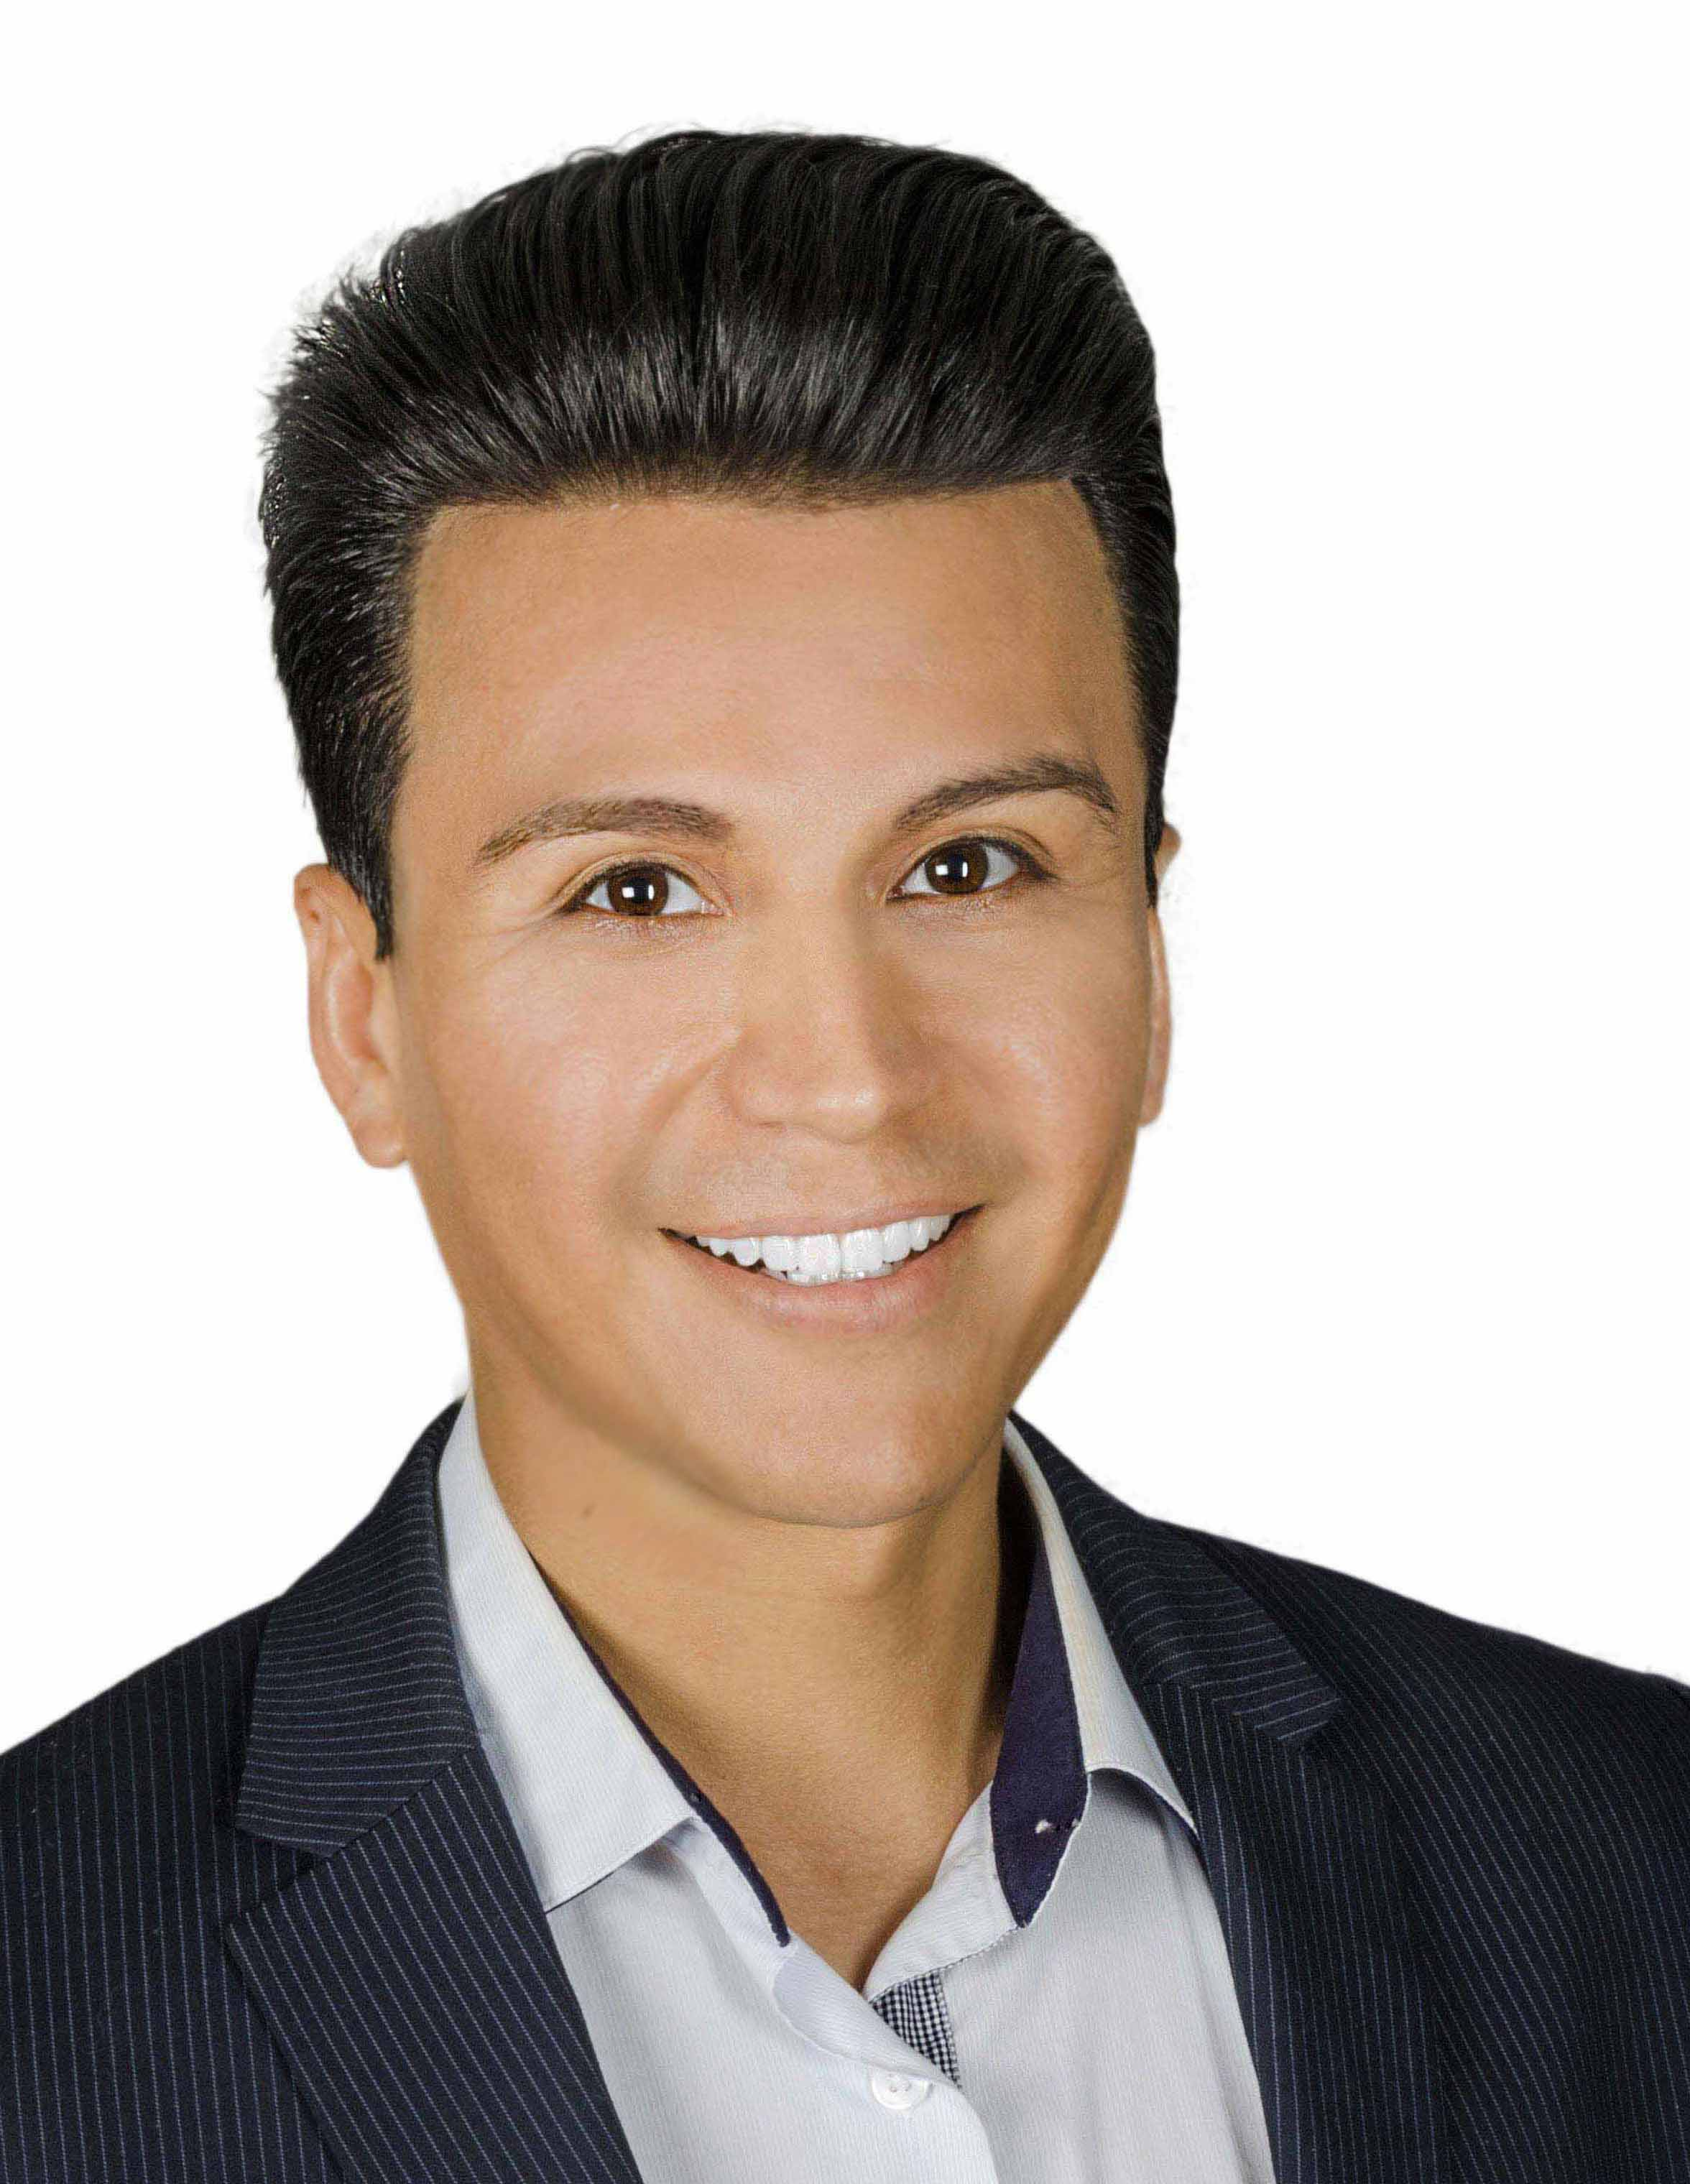 Jose Cardenas Sanchez